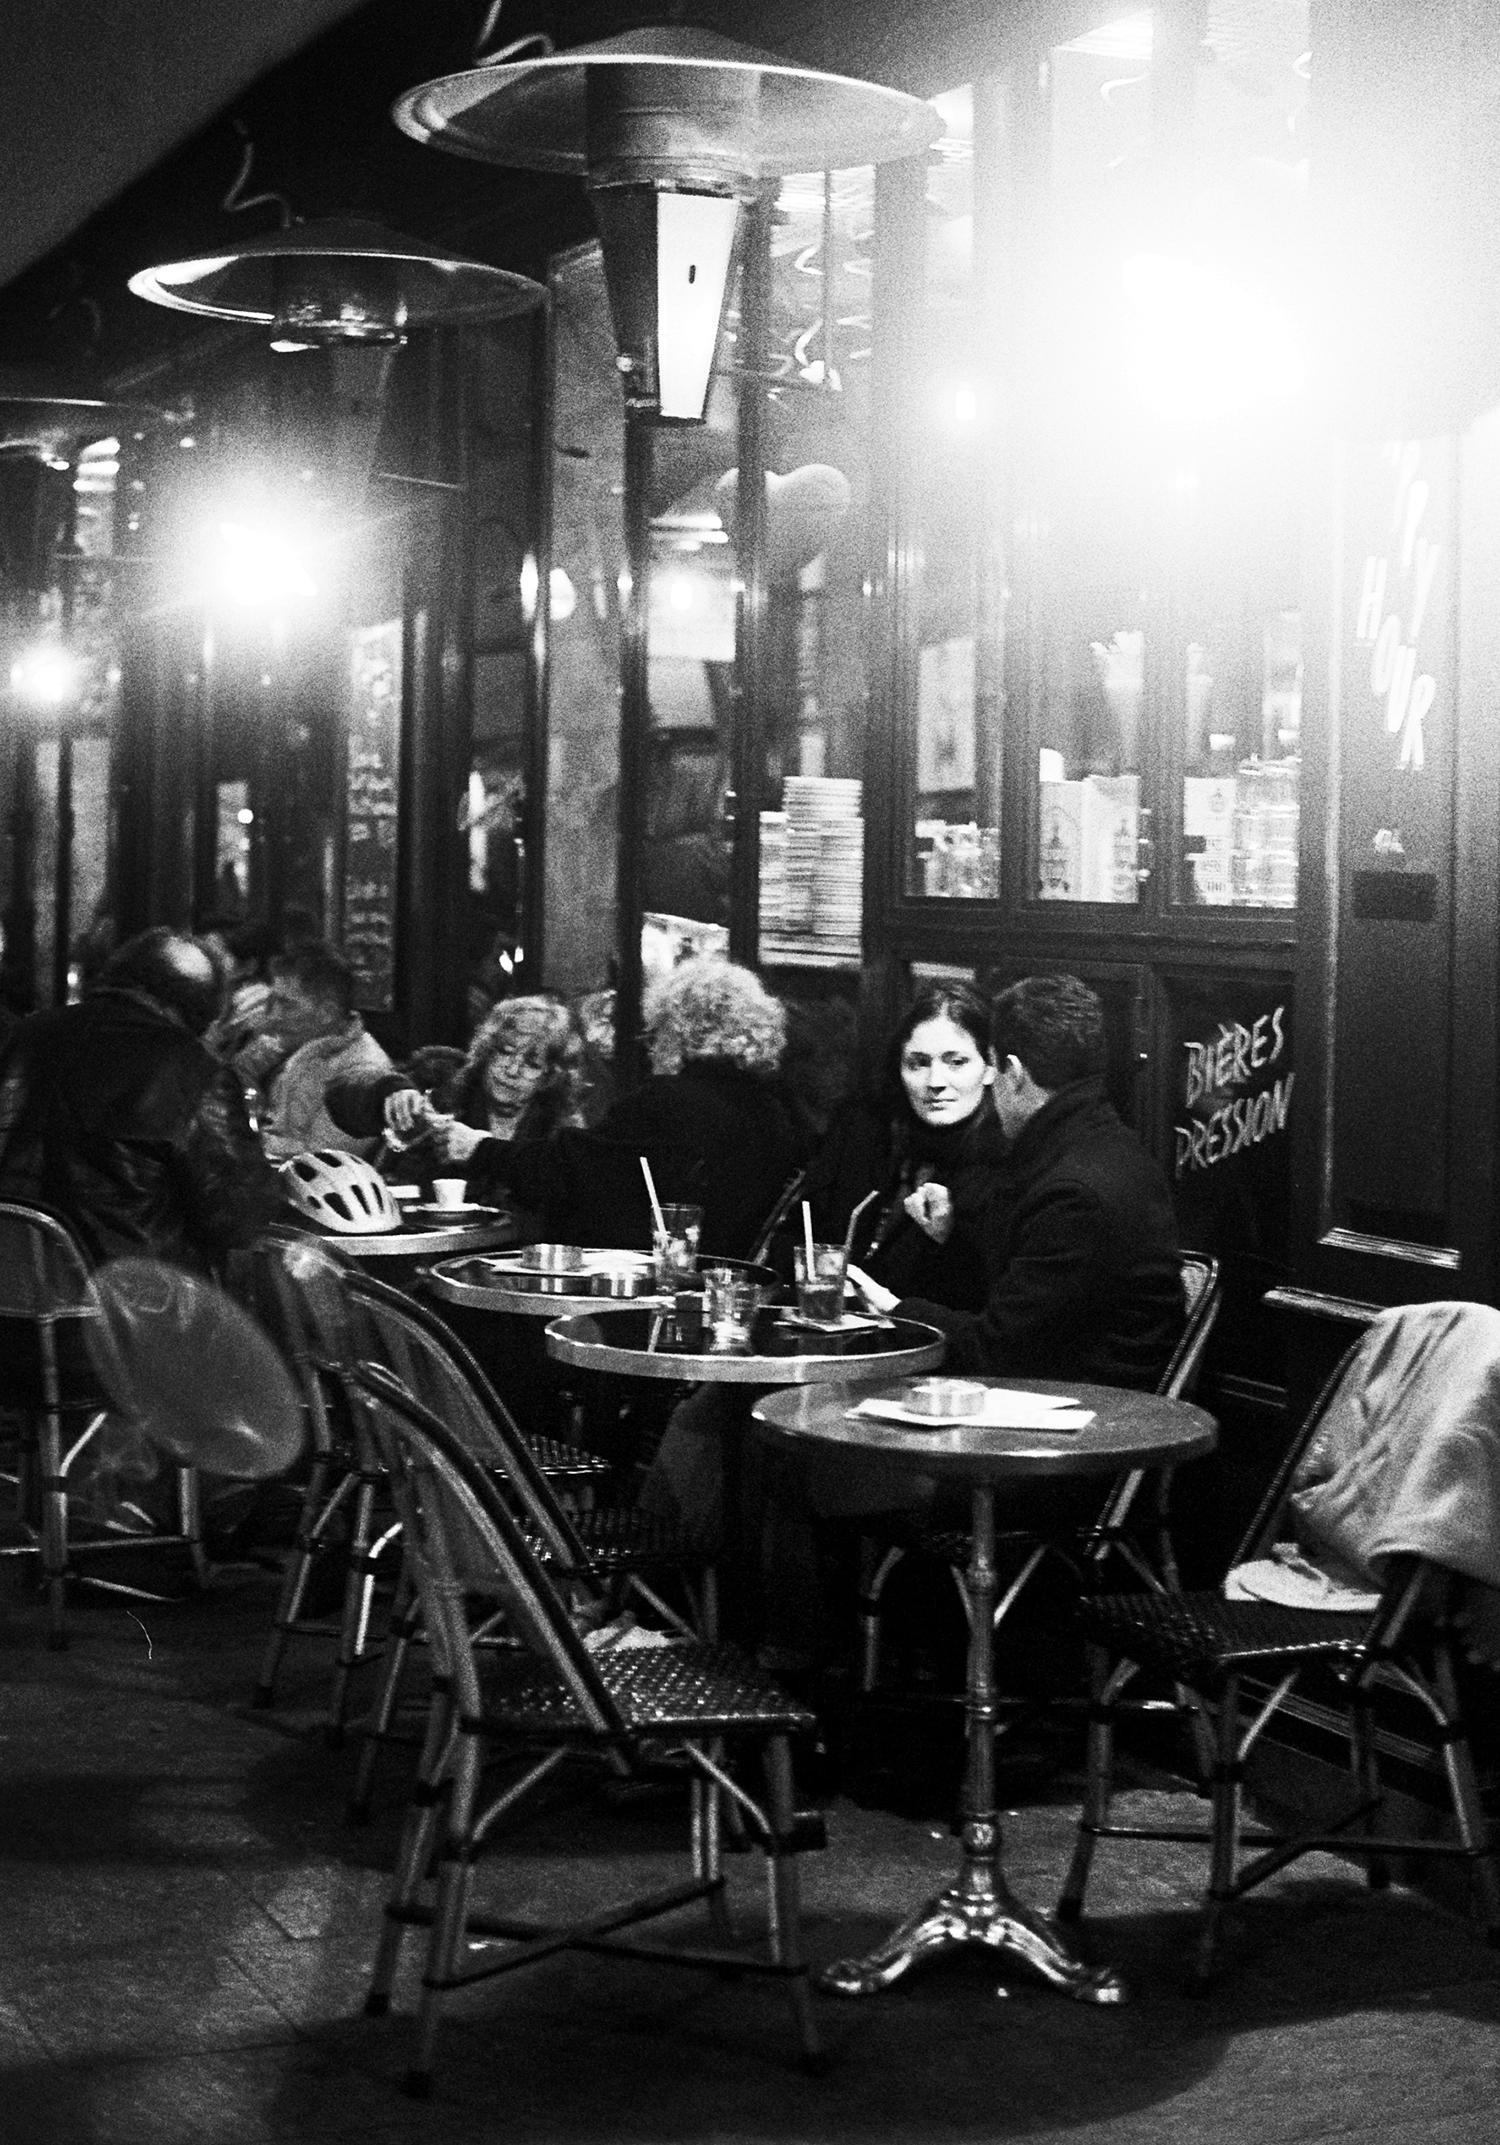 Paris_In_the_Winter040